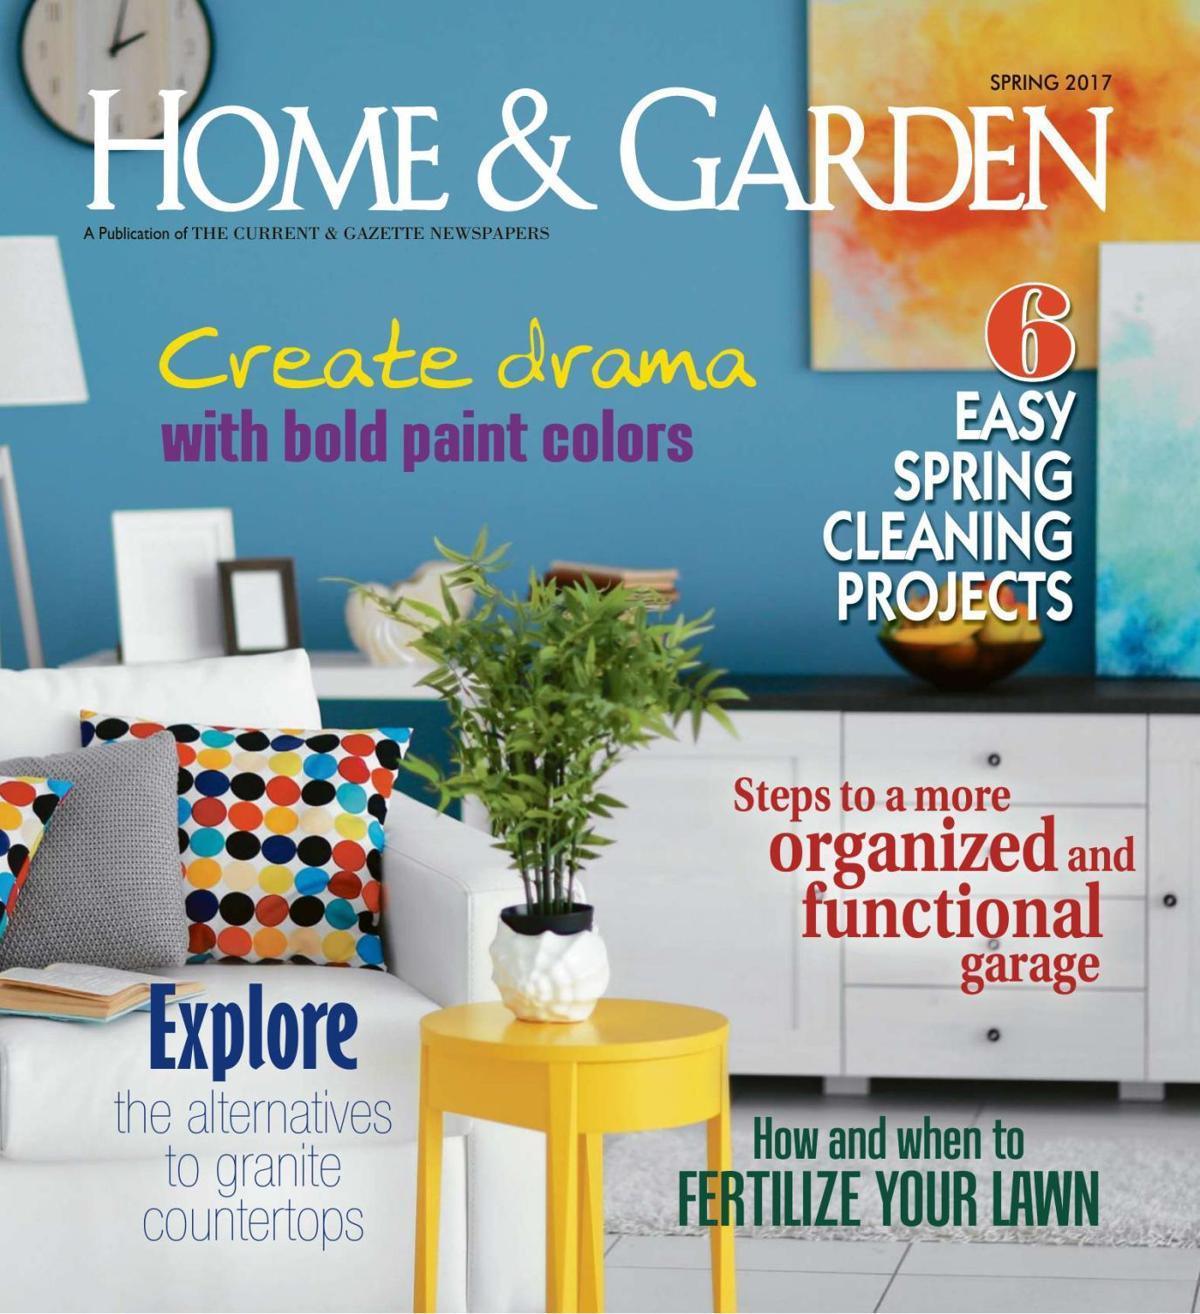 Home and Garden Spring 2017